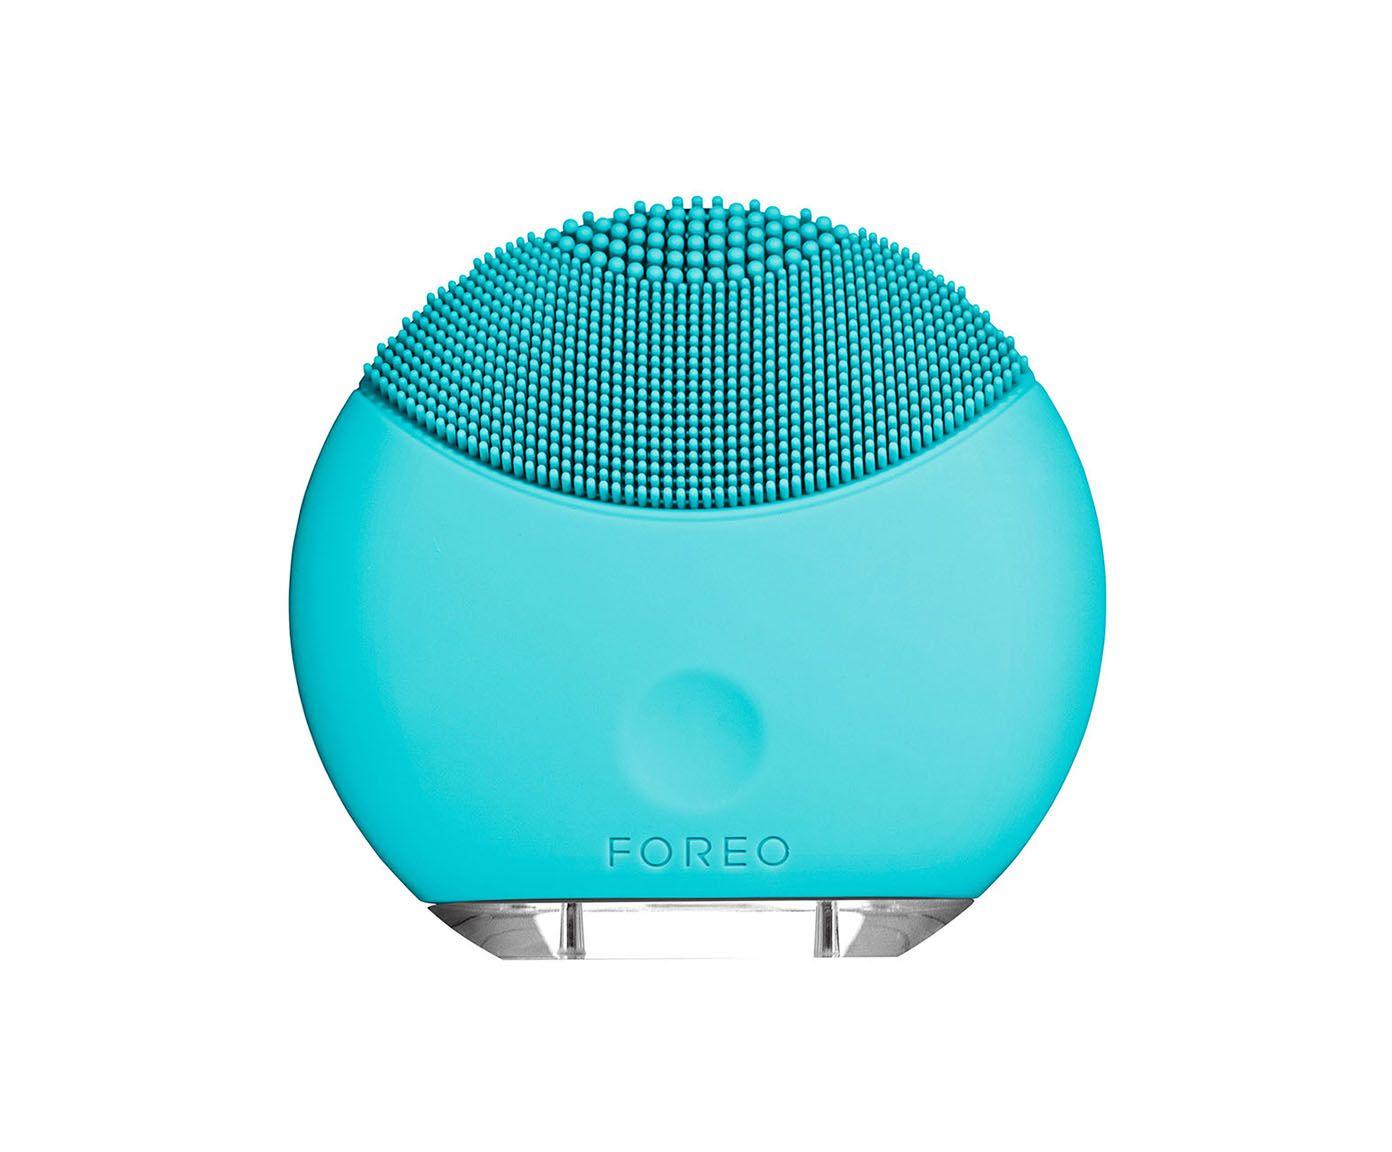 Aparelho de Limpeza Facial Luna Mini - Turquoise Blue | Westwing.com.br